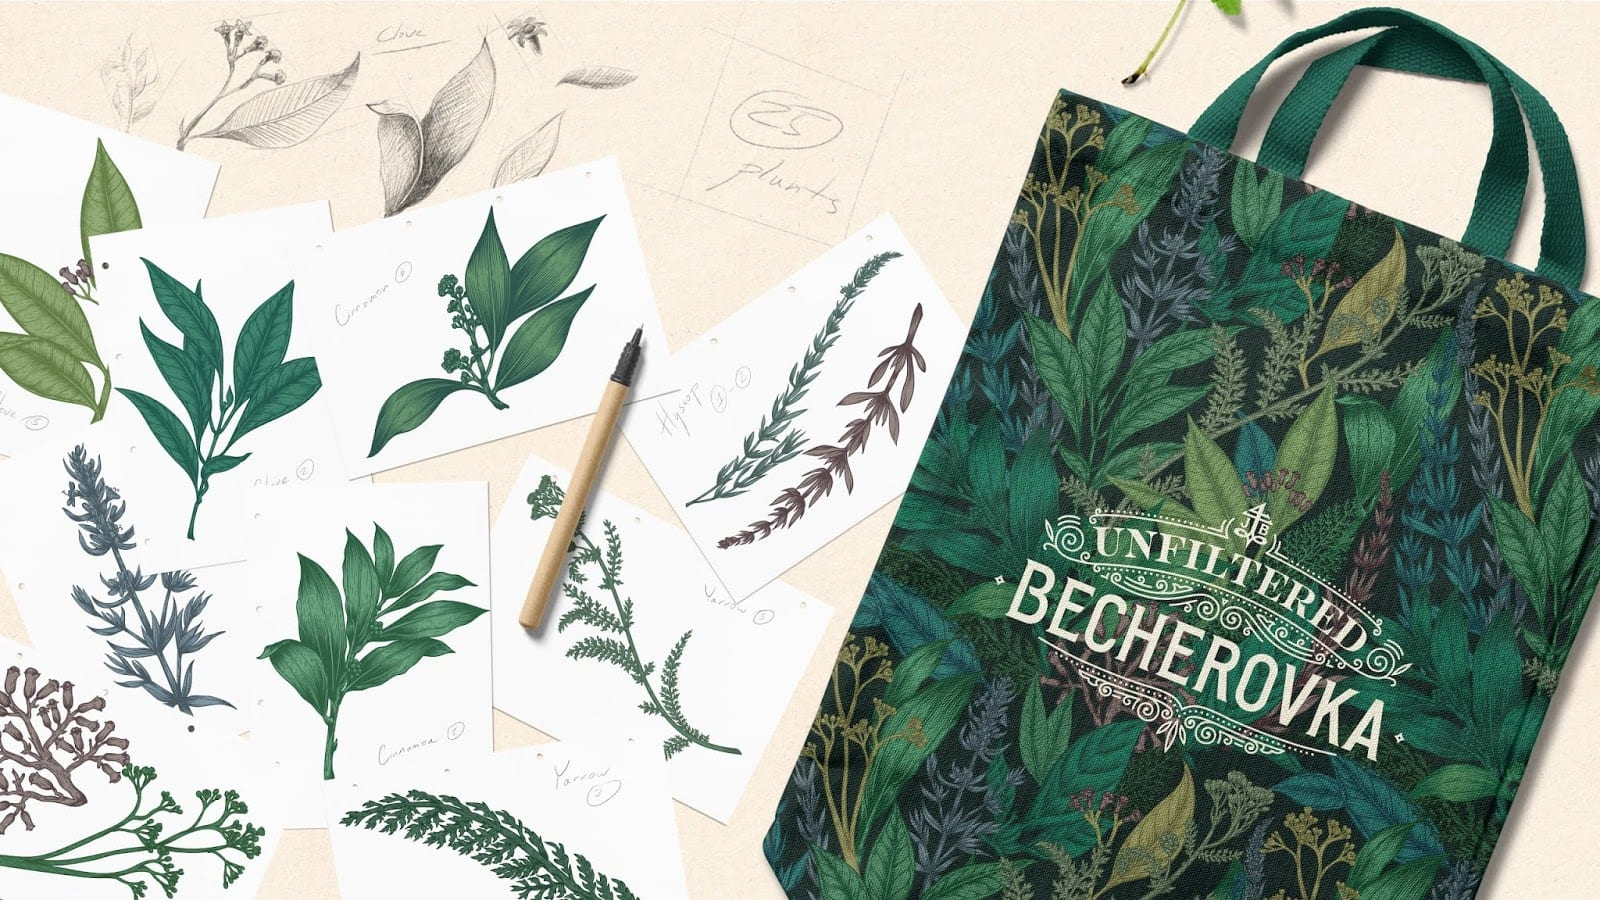 bech unfilt cocoon 03 - Becherovka představila svou premiovou Unfiltered verzi s novým obalem